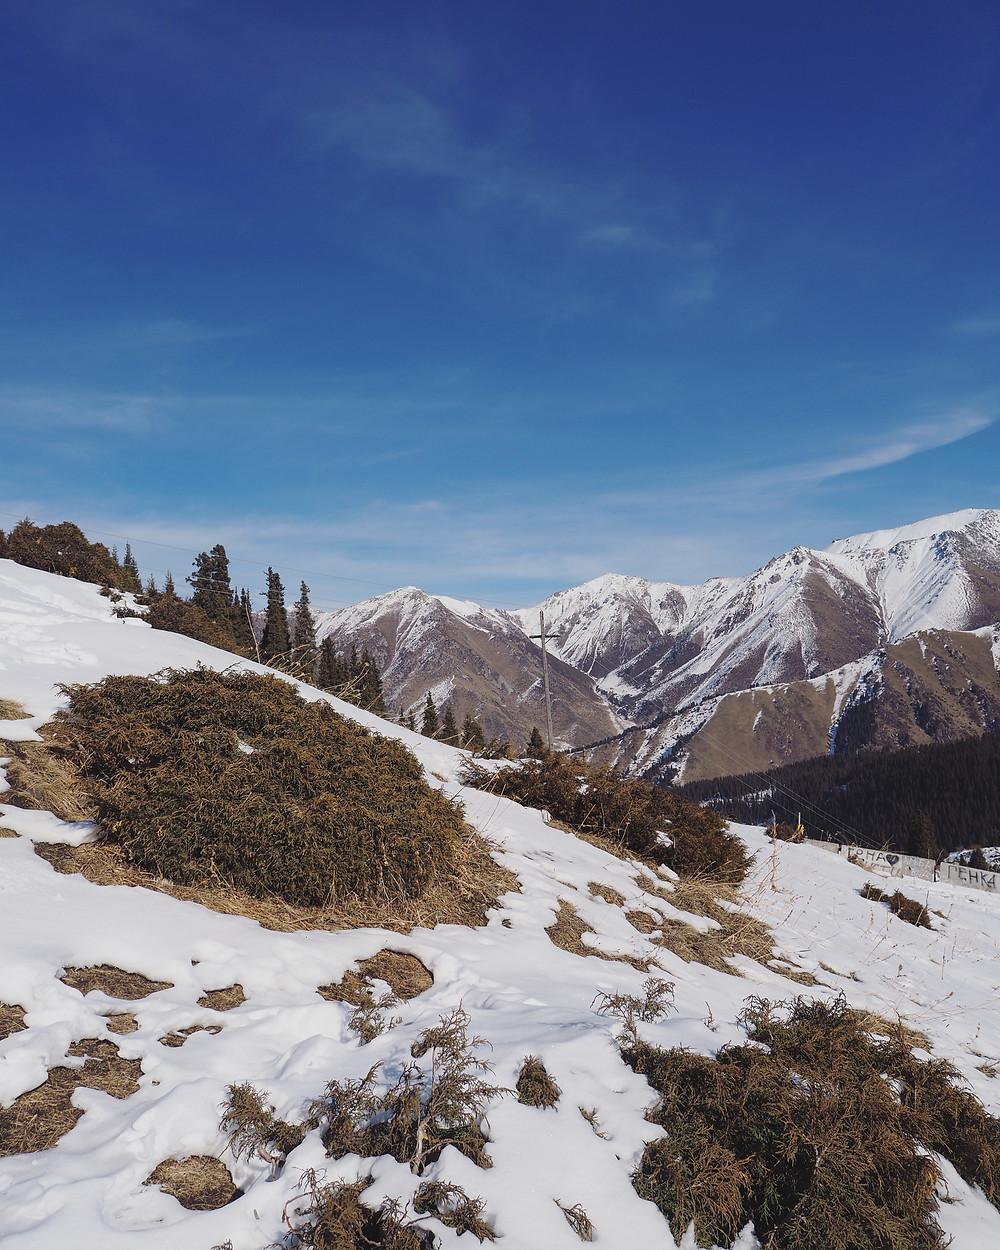 斜坡上全铺满了白雪。